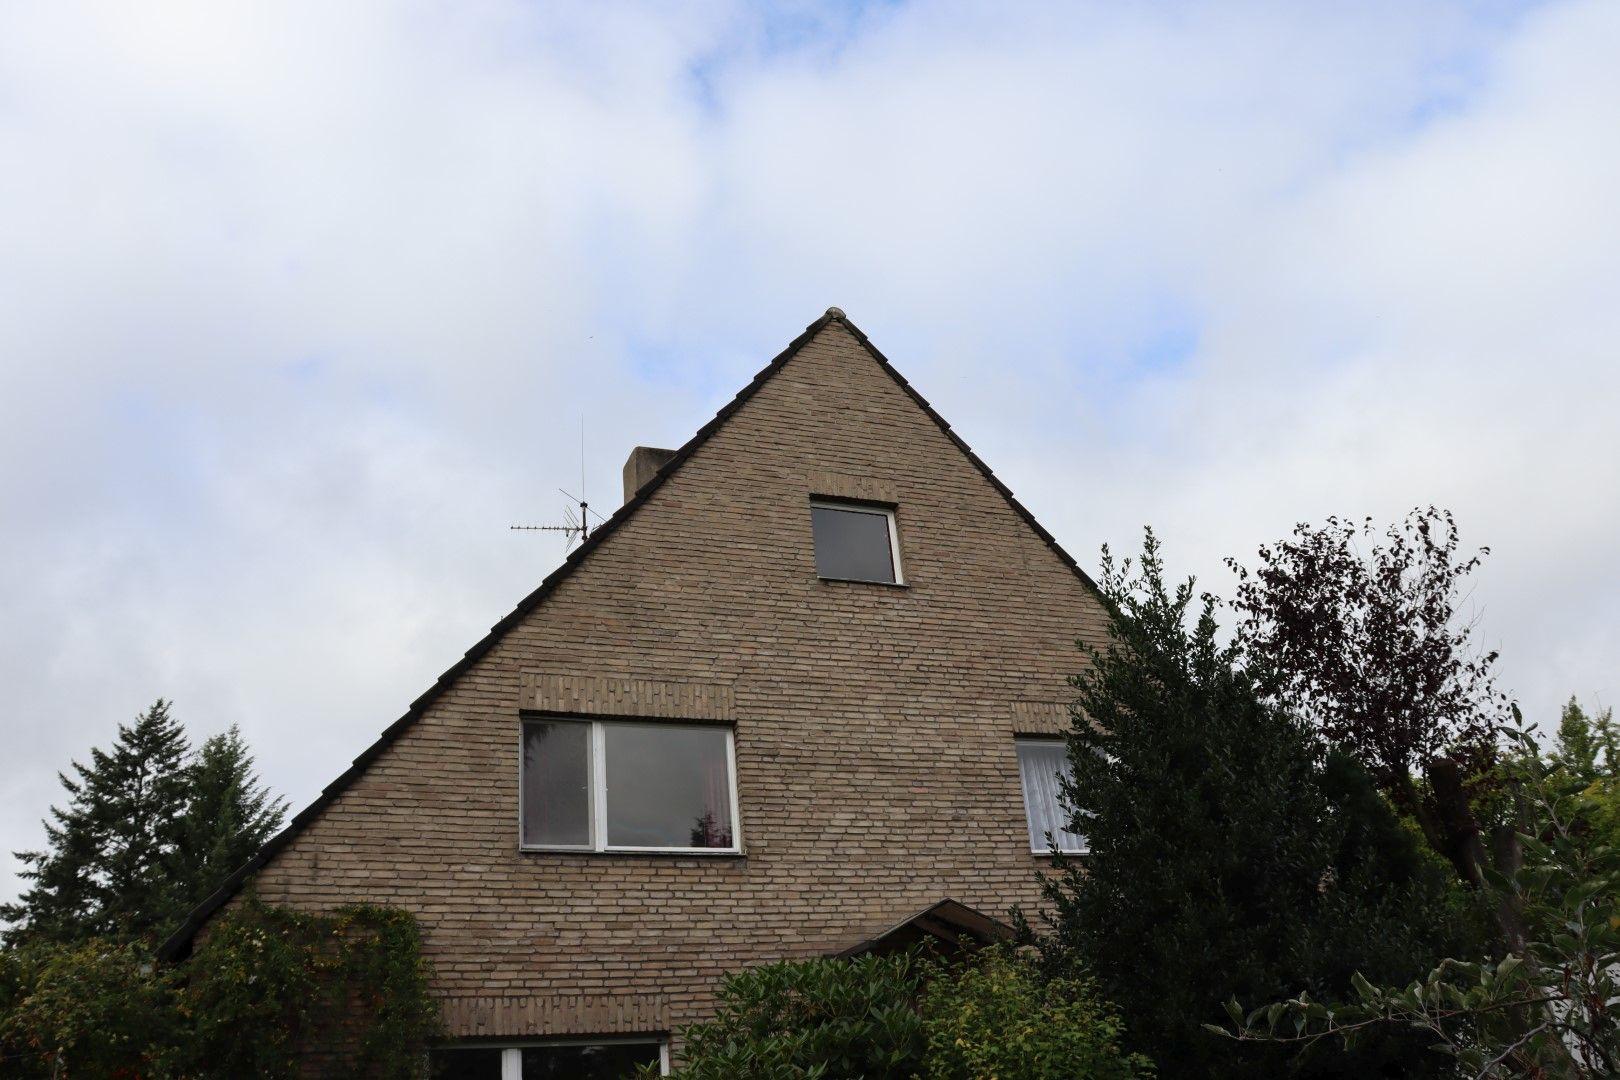 Immobilie Nr.0273 - Doppelhaushälfte in WEG mit Garten & Terrasse - Bild 4.jpg